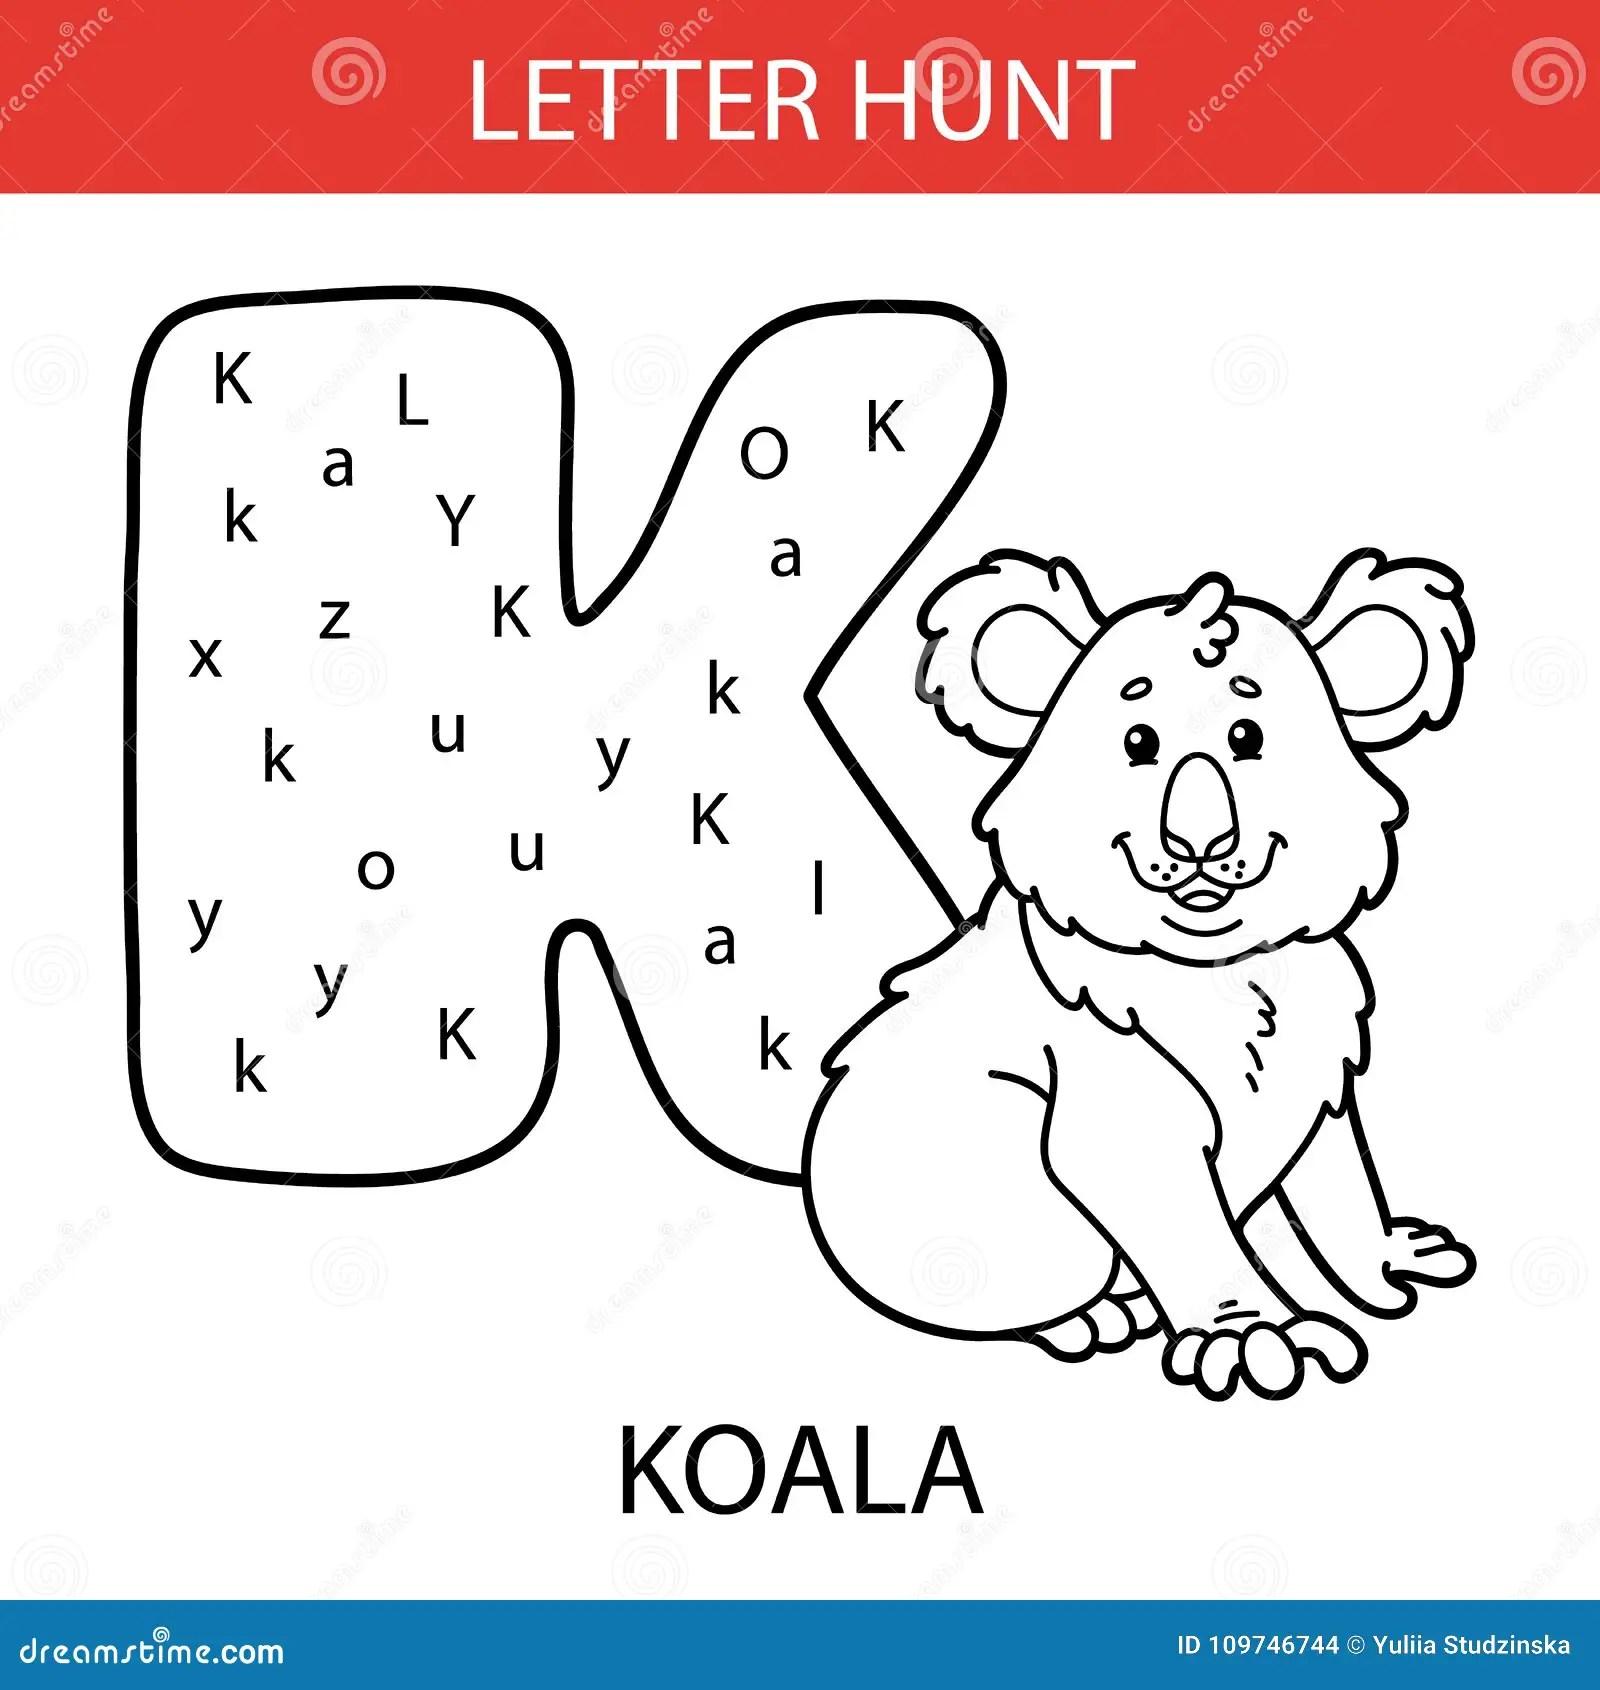 Animal Letter Hunt Koala Stock Vector Illustration Of Childhood